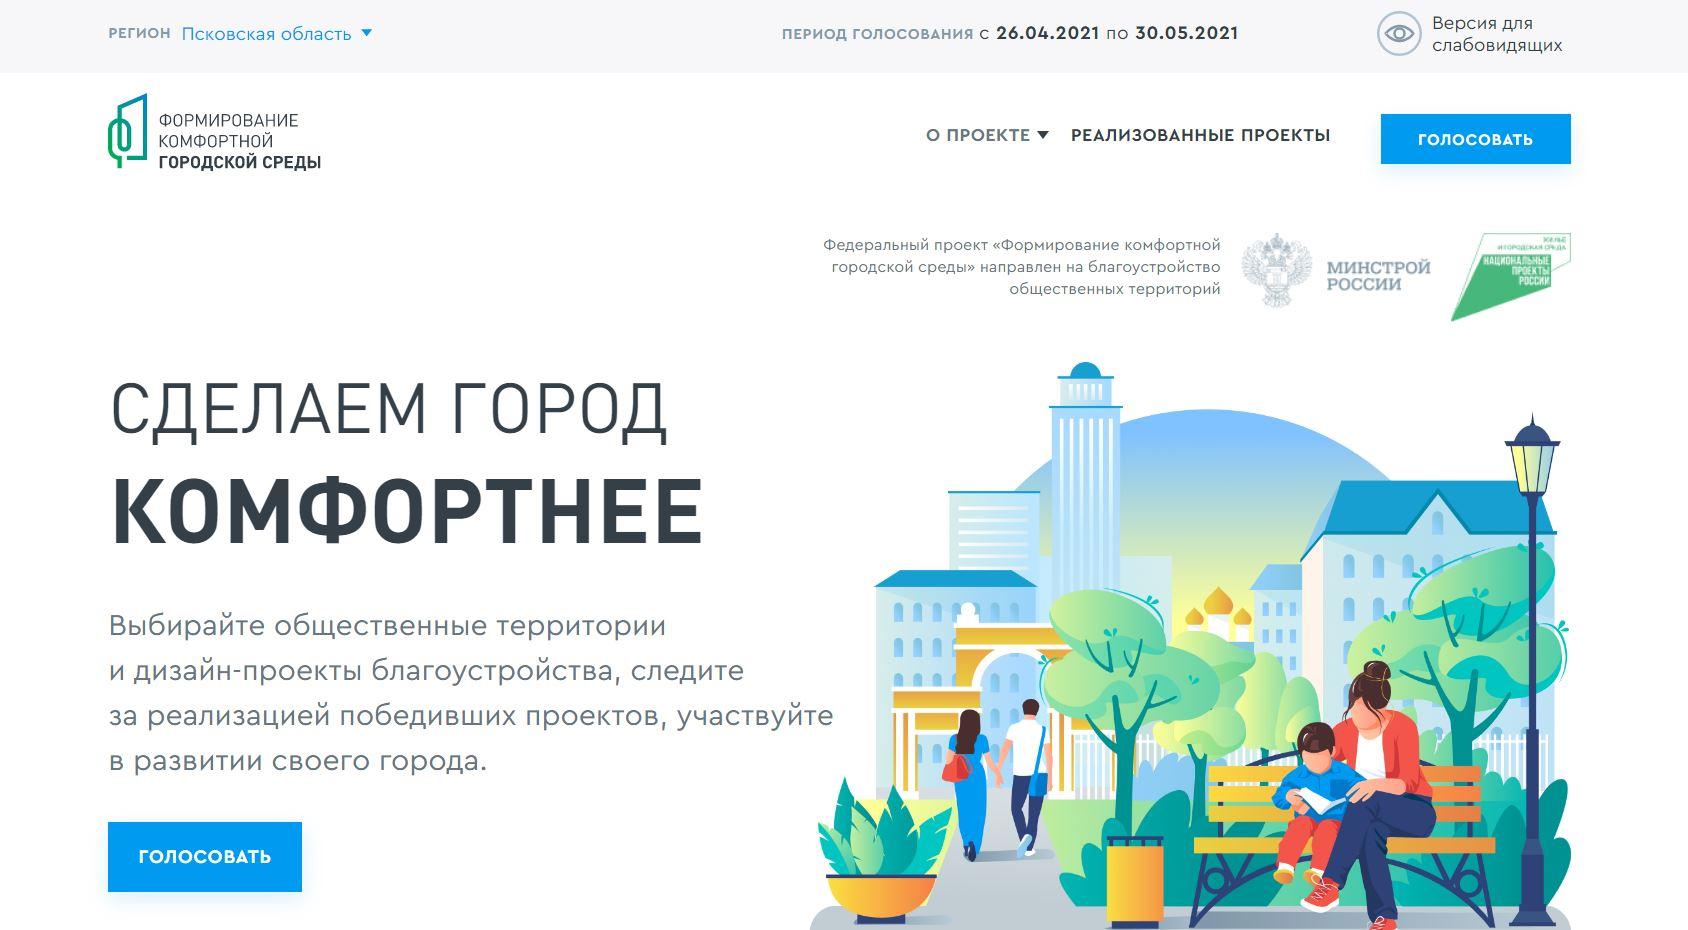 Портал для голосования за благоустройство территорий в Псковской области